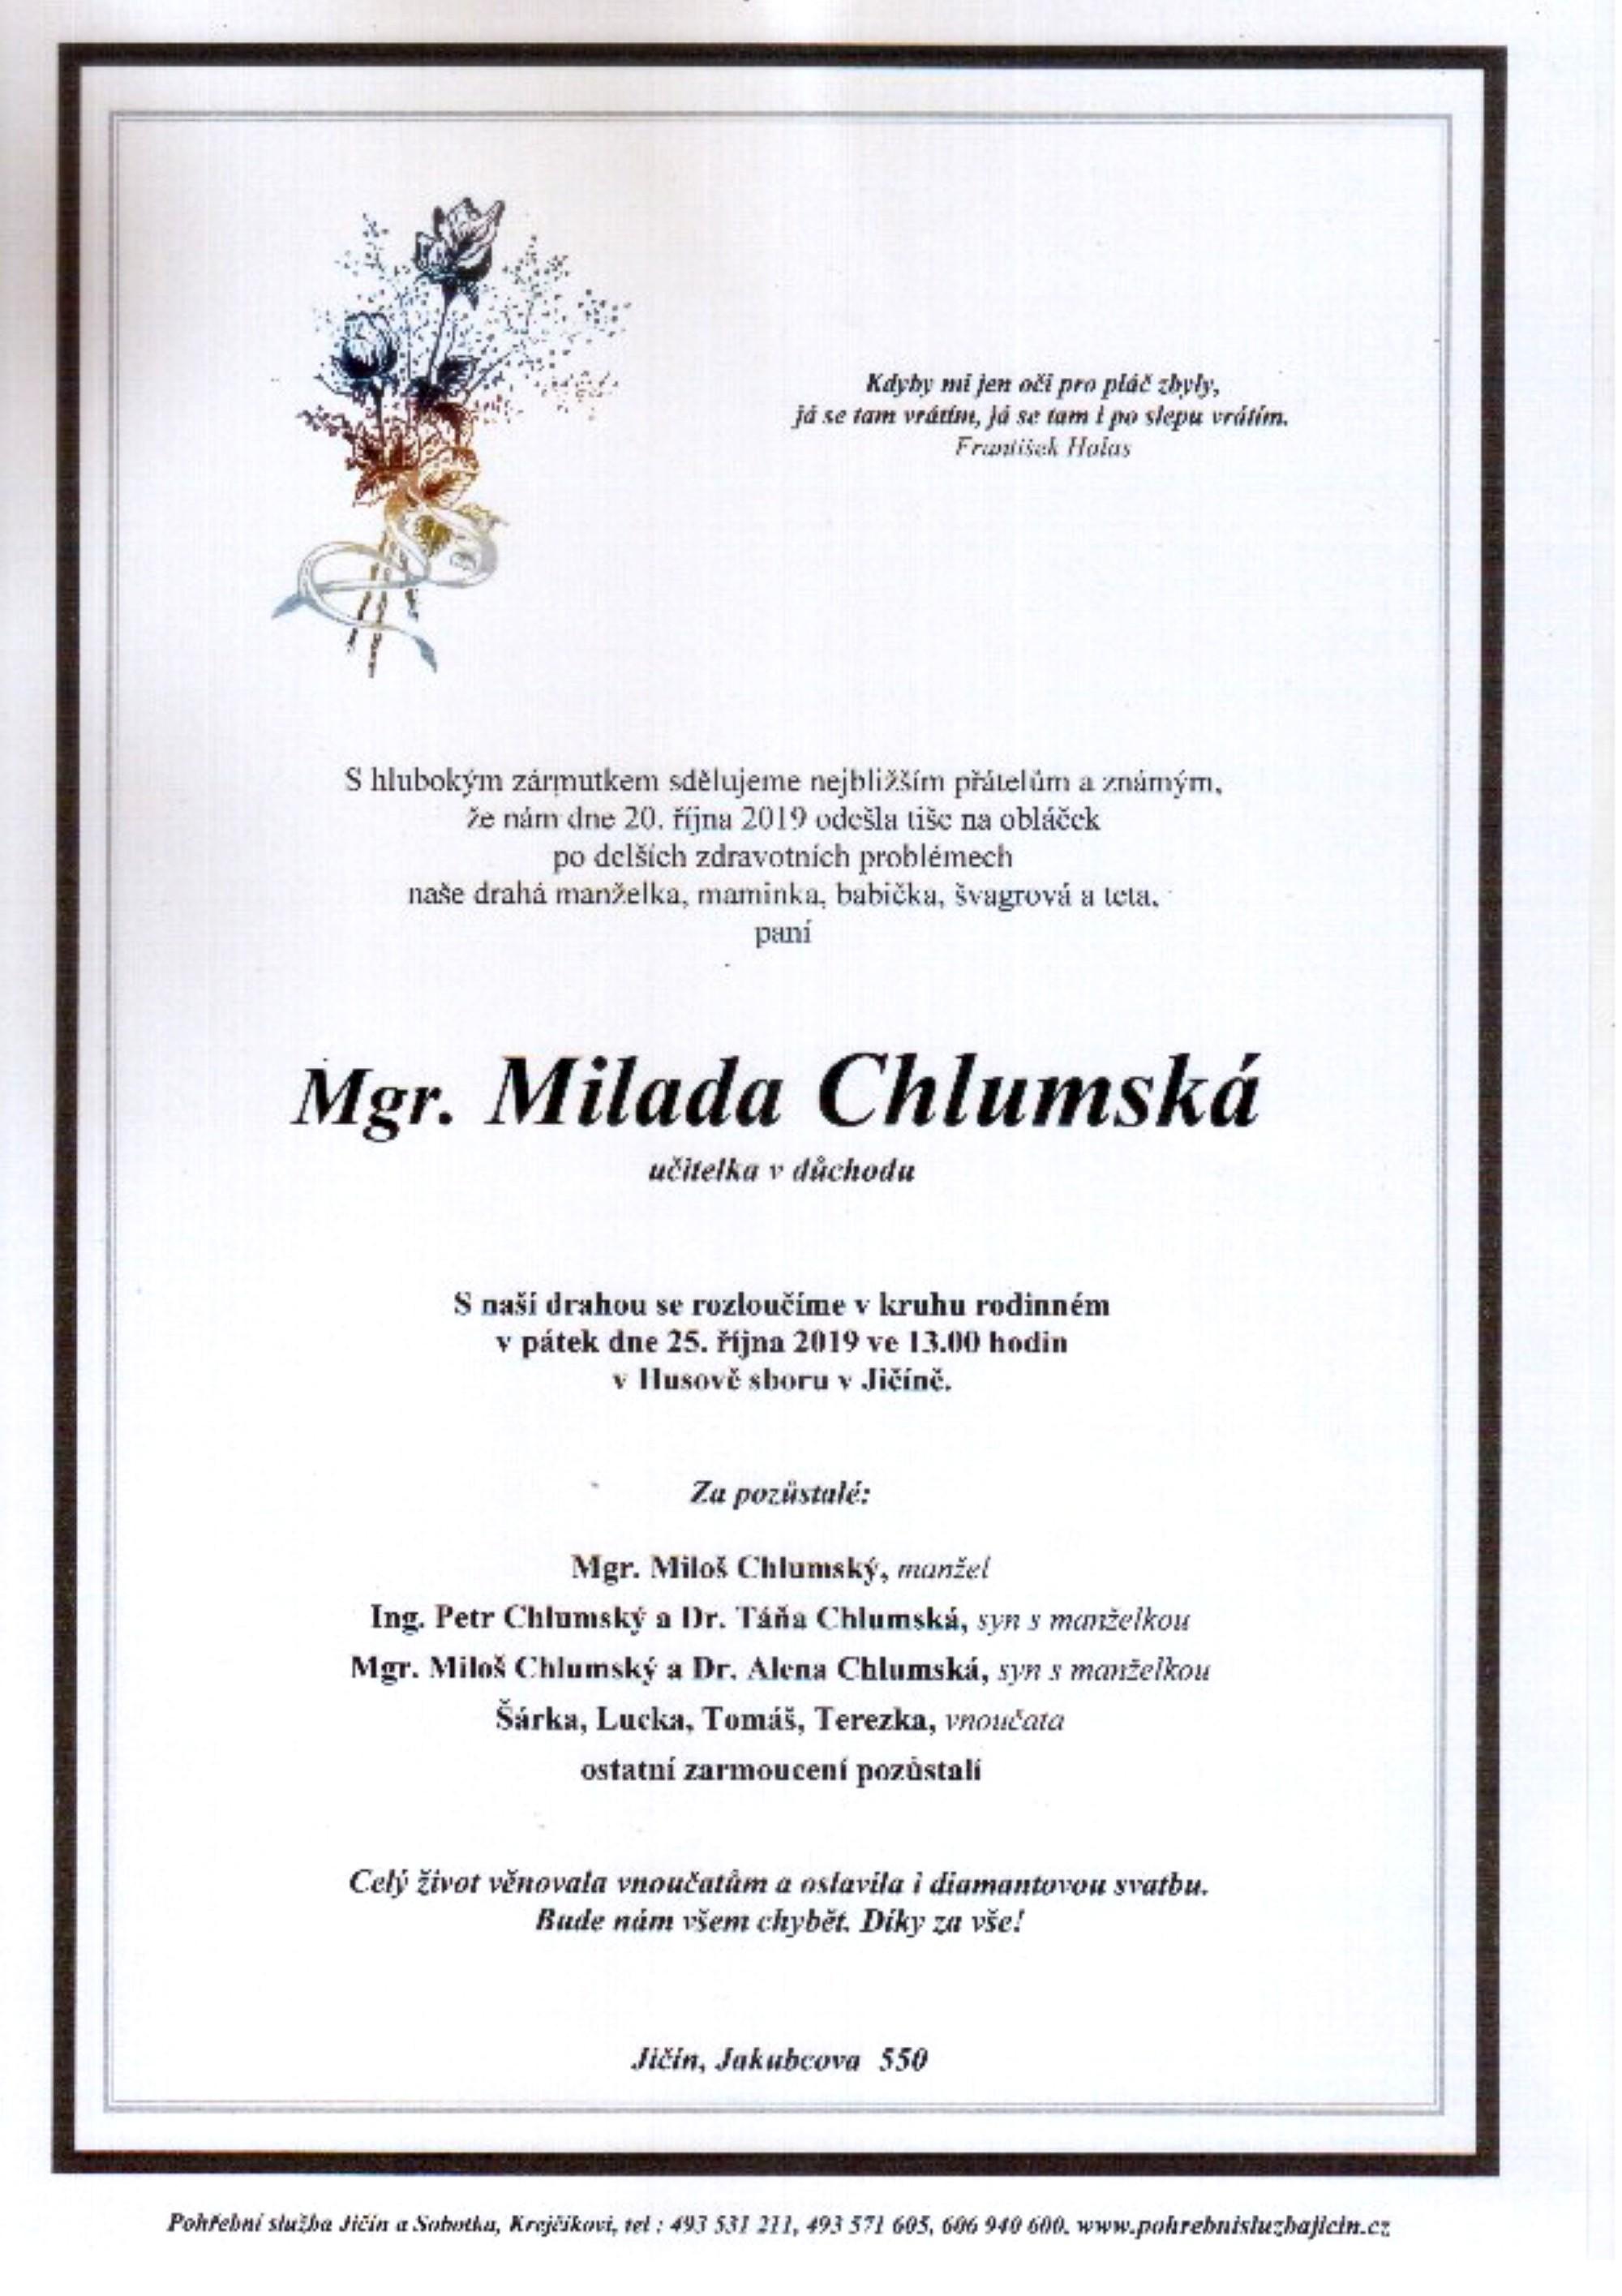 Mgr. Milada Chlumská